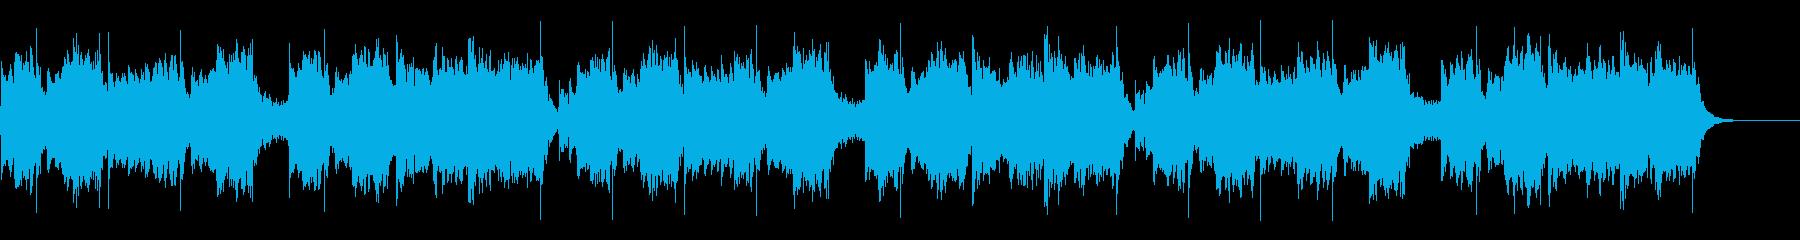 琴と尺八の、シンプルなお正月のBGMの再生済みの波形